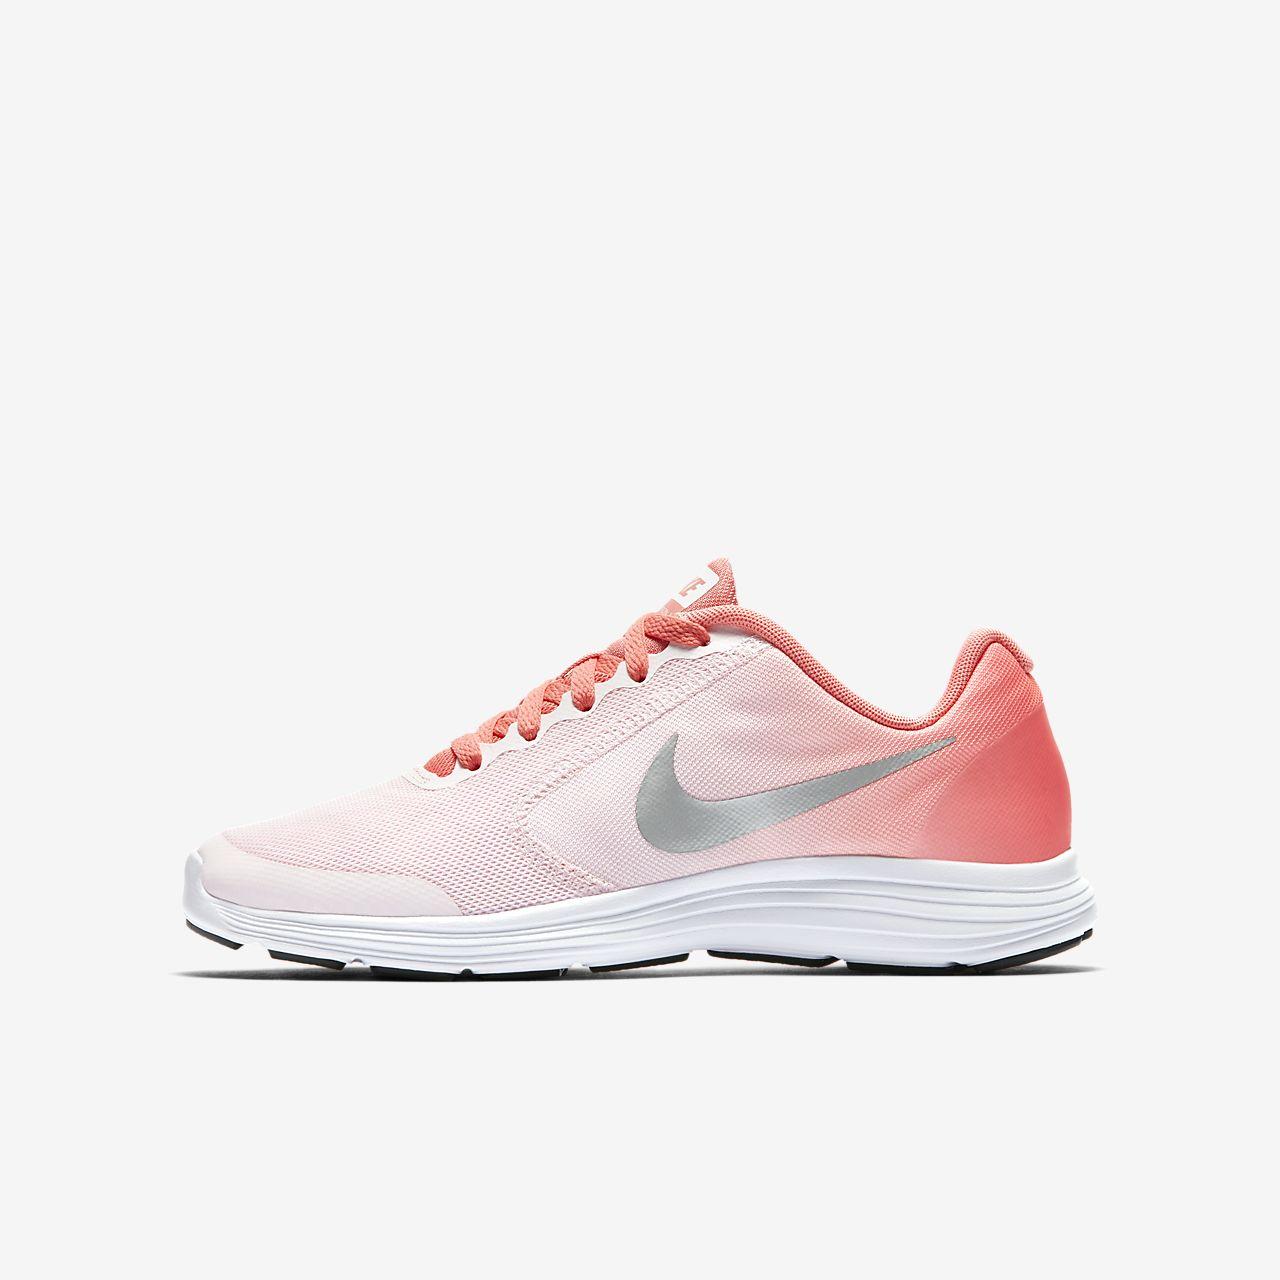 new style 7976b 9ed70 ... Chaussure de running Nike Revolution 3 pour Enfant plus âgé